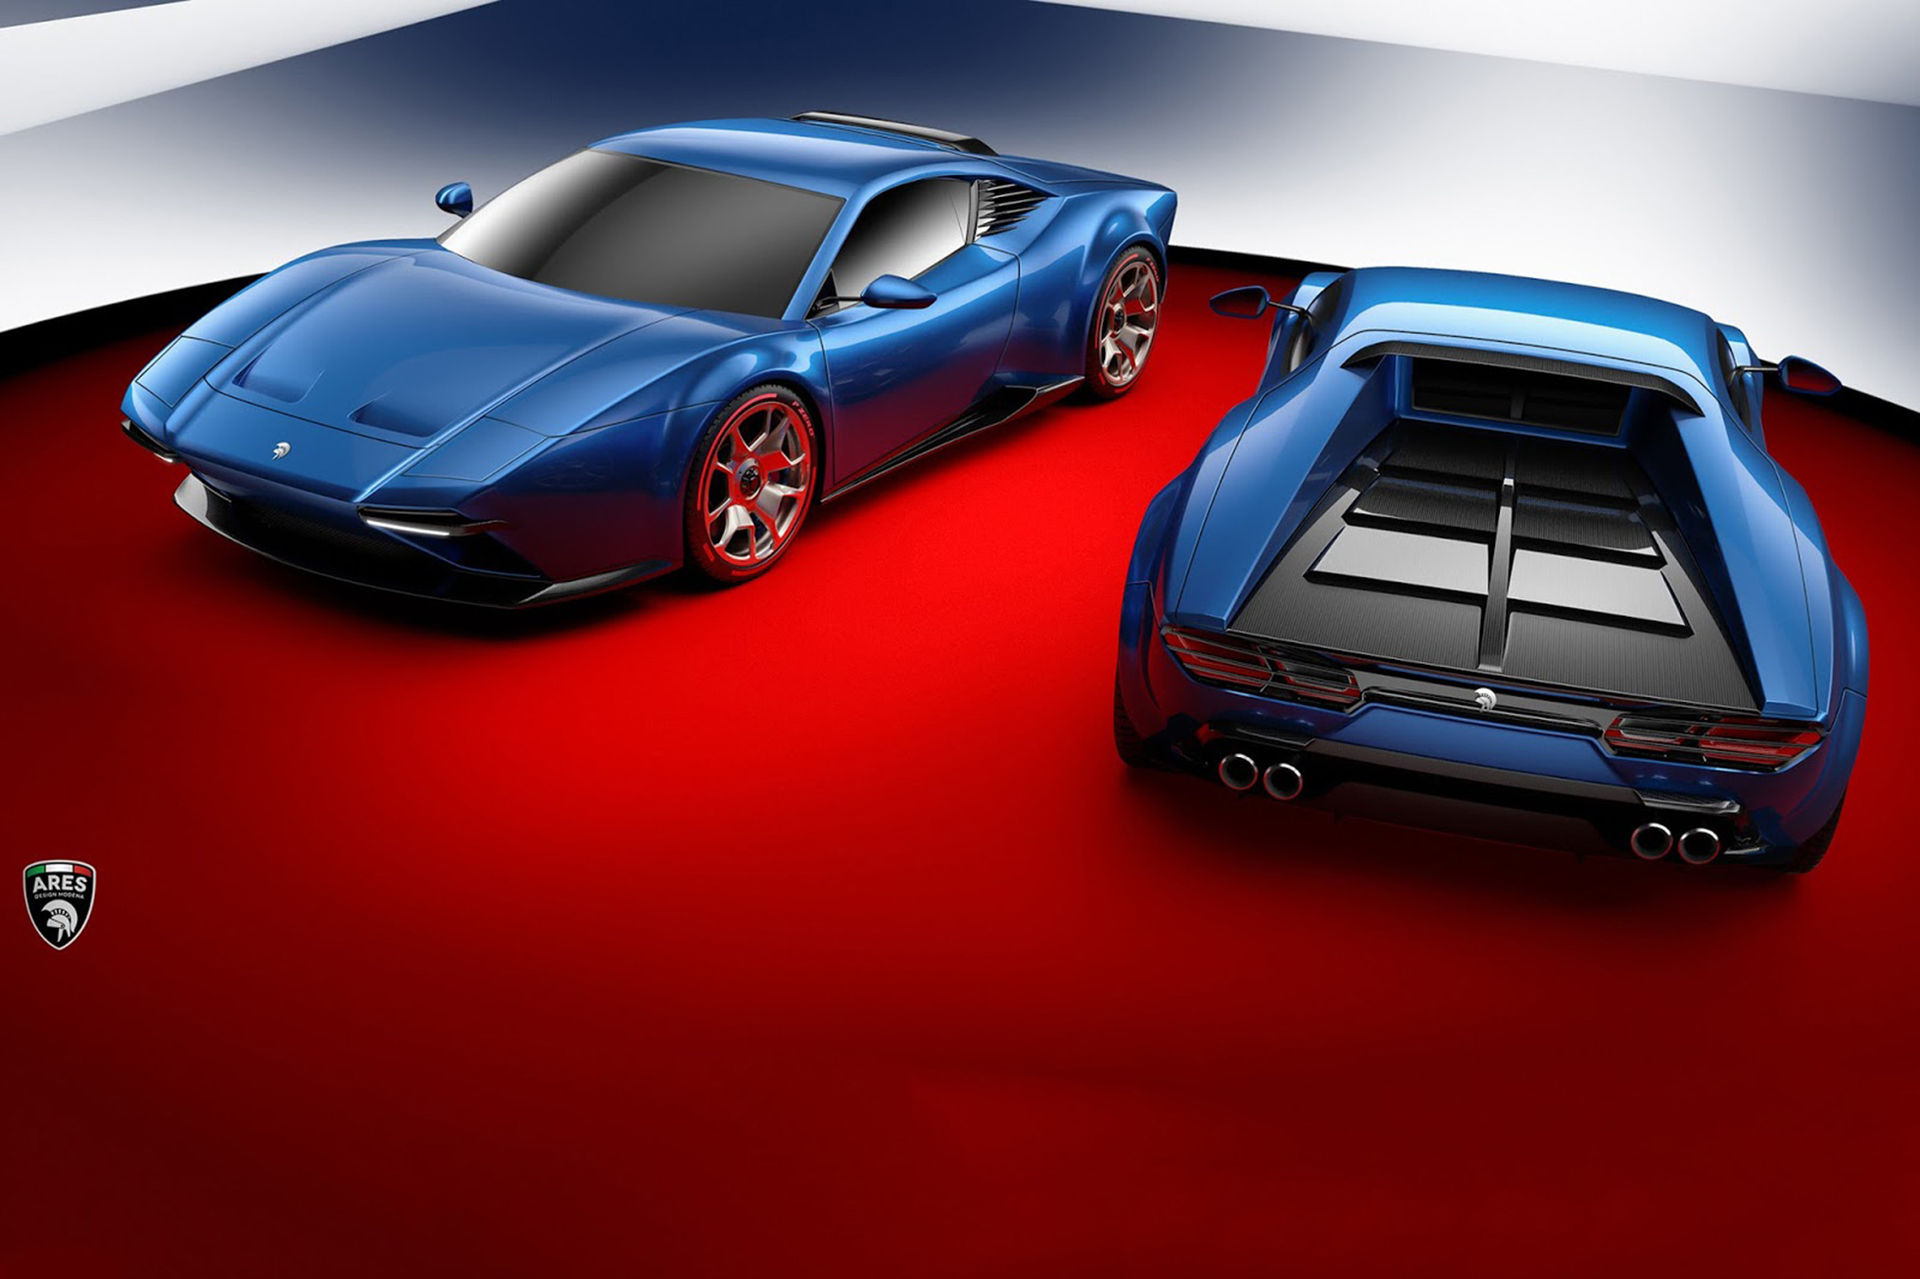 Ares Design gör en modern version av De Tomaso Pantera